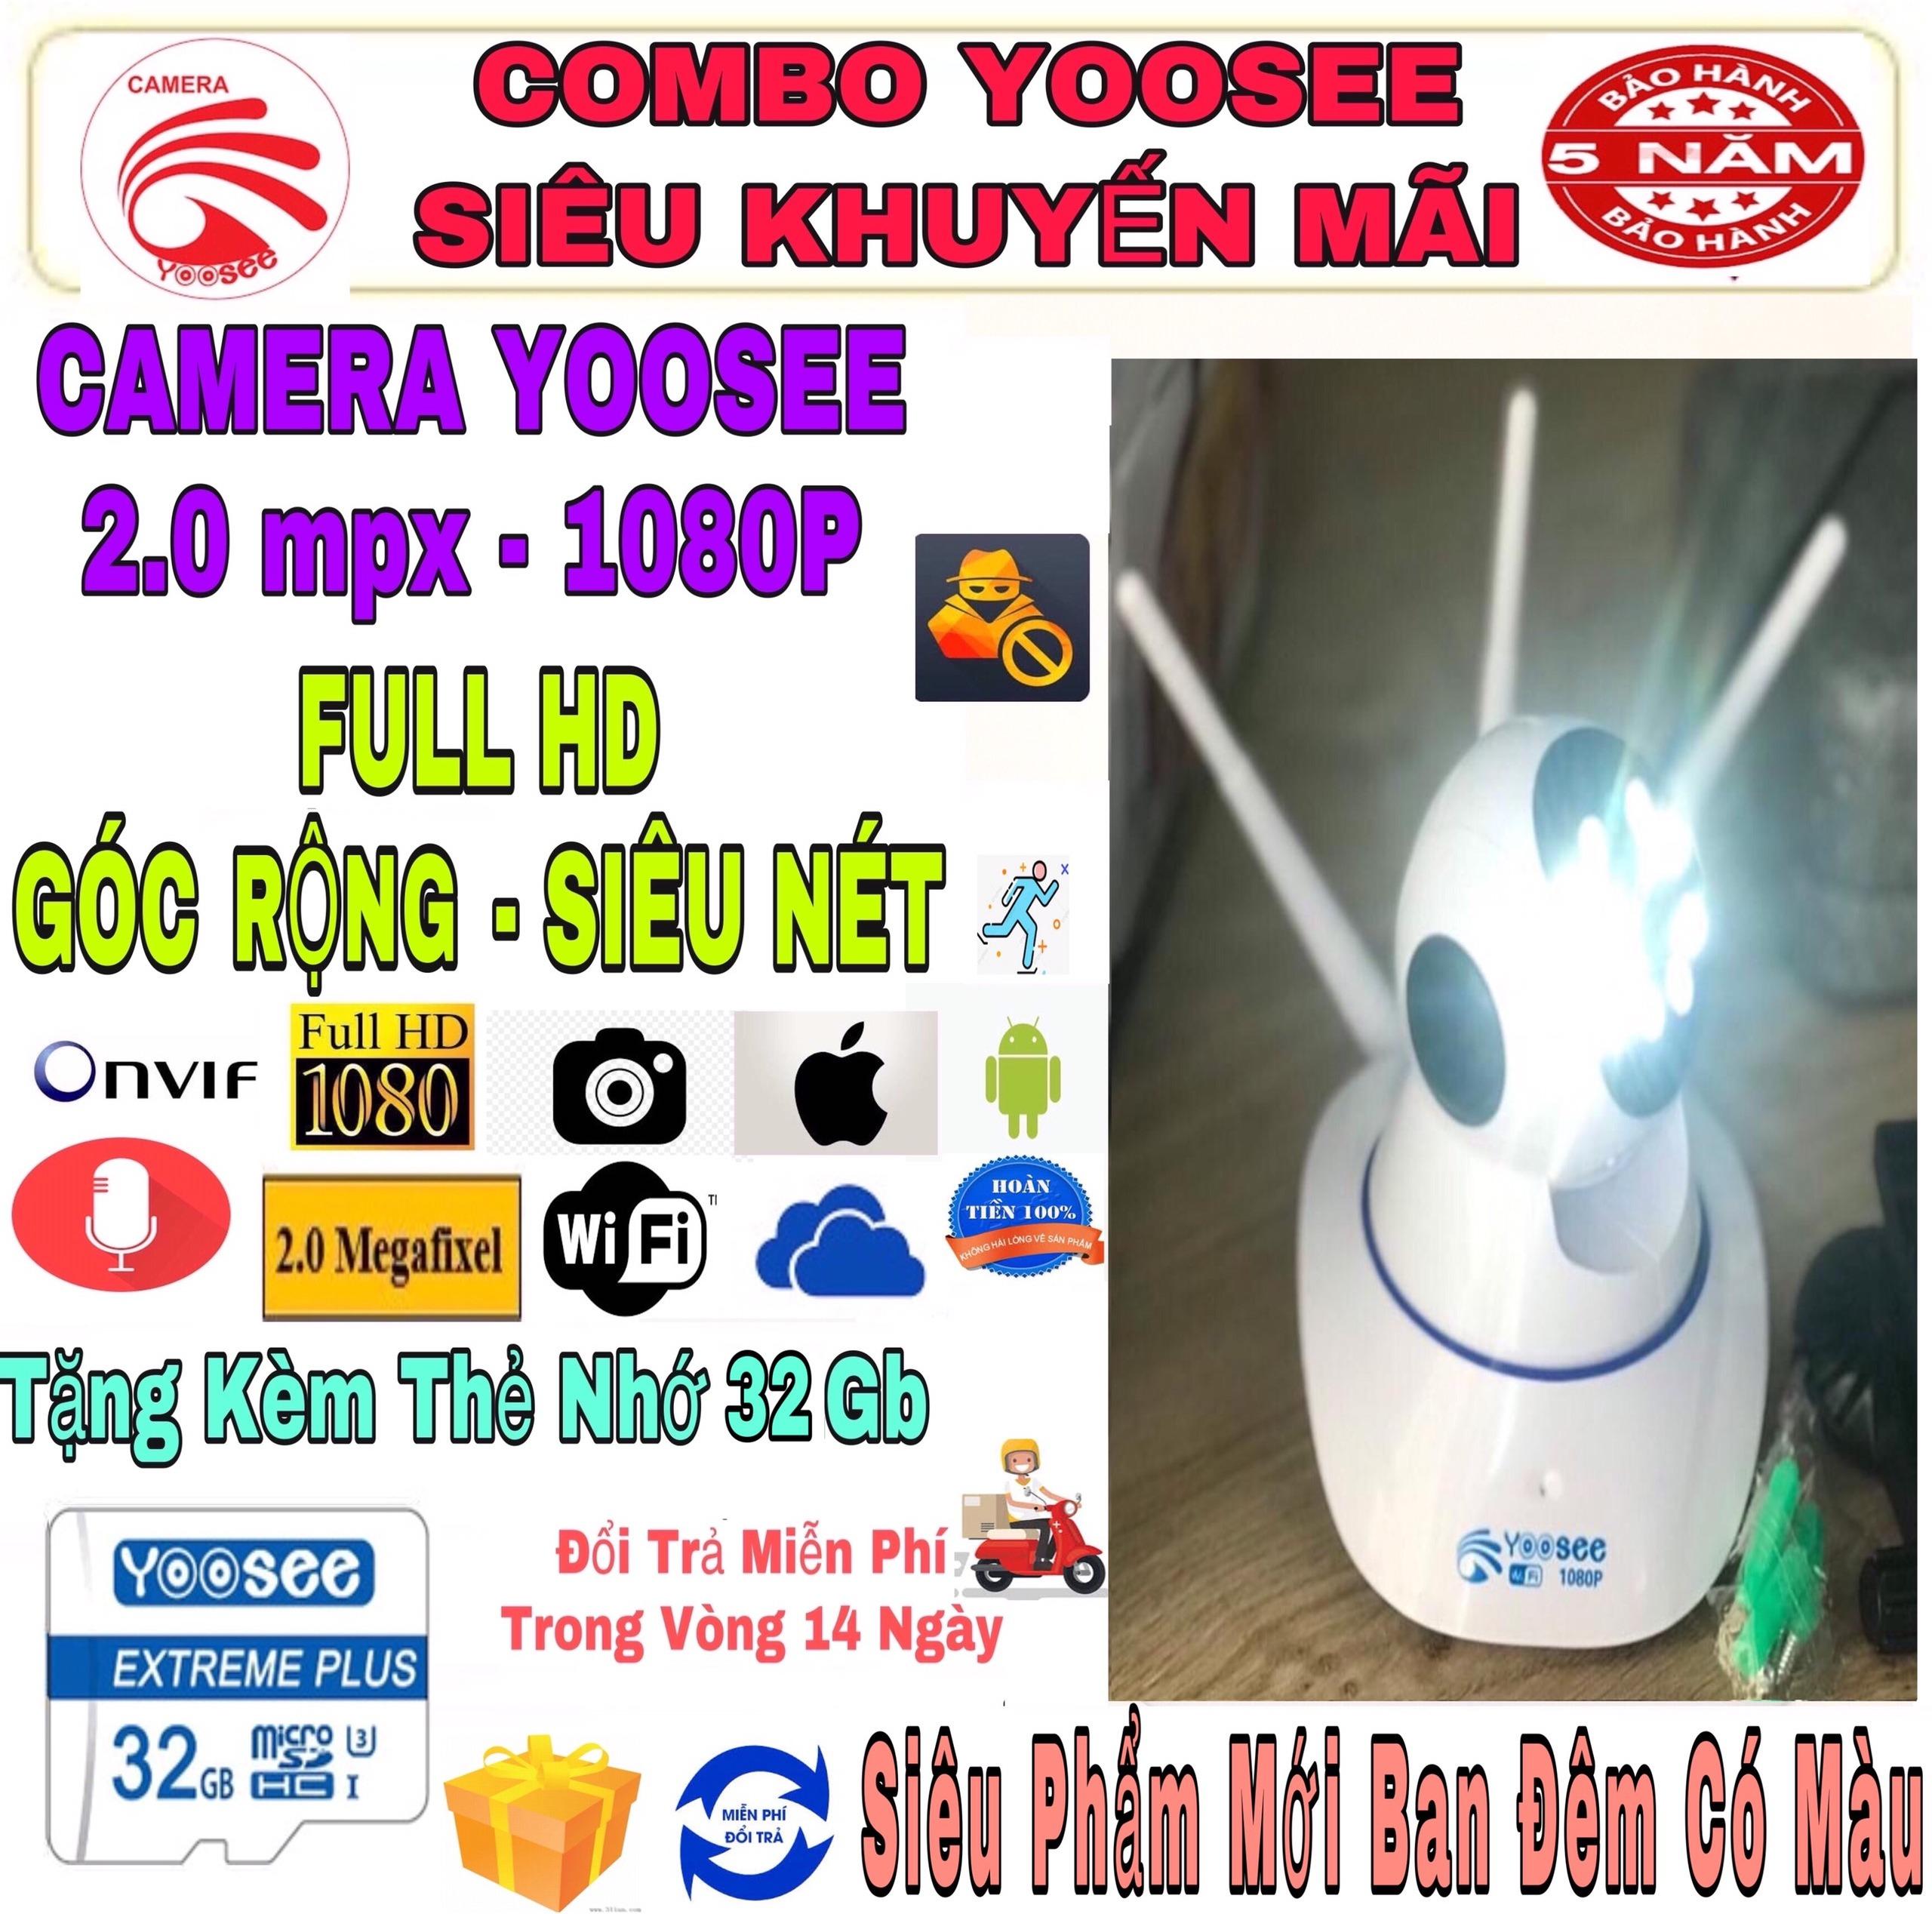 (KÈM Thẻ Nhớ SD YOOSEE 32 GB. BẢO HÀNH 5 Năm) Camera IP Wifi Yoosee 3 Râu xoay 360 độ, Siêu Phẩm Phiên Bản Mới Ban Đêm Có Màu, độ phân giải FULL HD 2.0MP 1920x1080p Không Dây, Camera trong nhà, Camera hồng ngoại, lưu trữ dữ liệu.